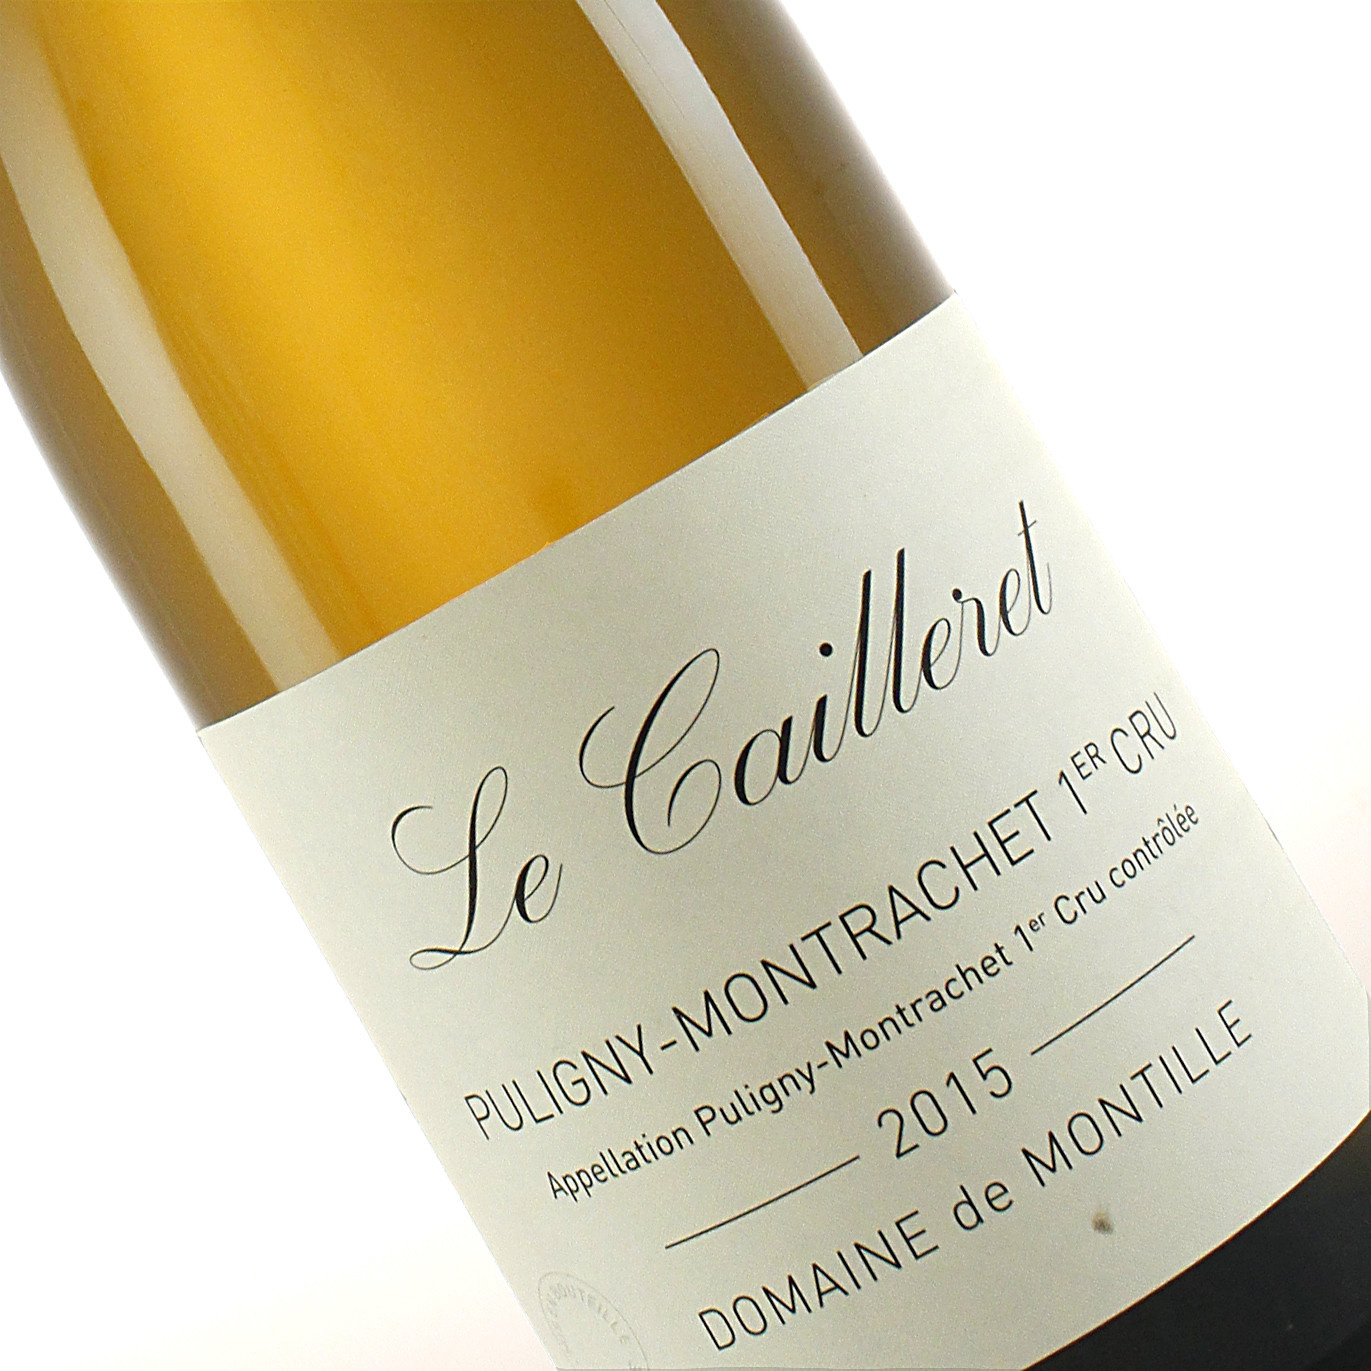 """Domaine de Montille 2015 Puligny-Montrachet Premier Cru """"Le Cailleret"""", Burgundy"""